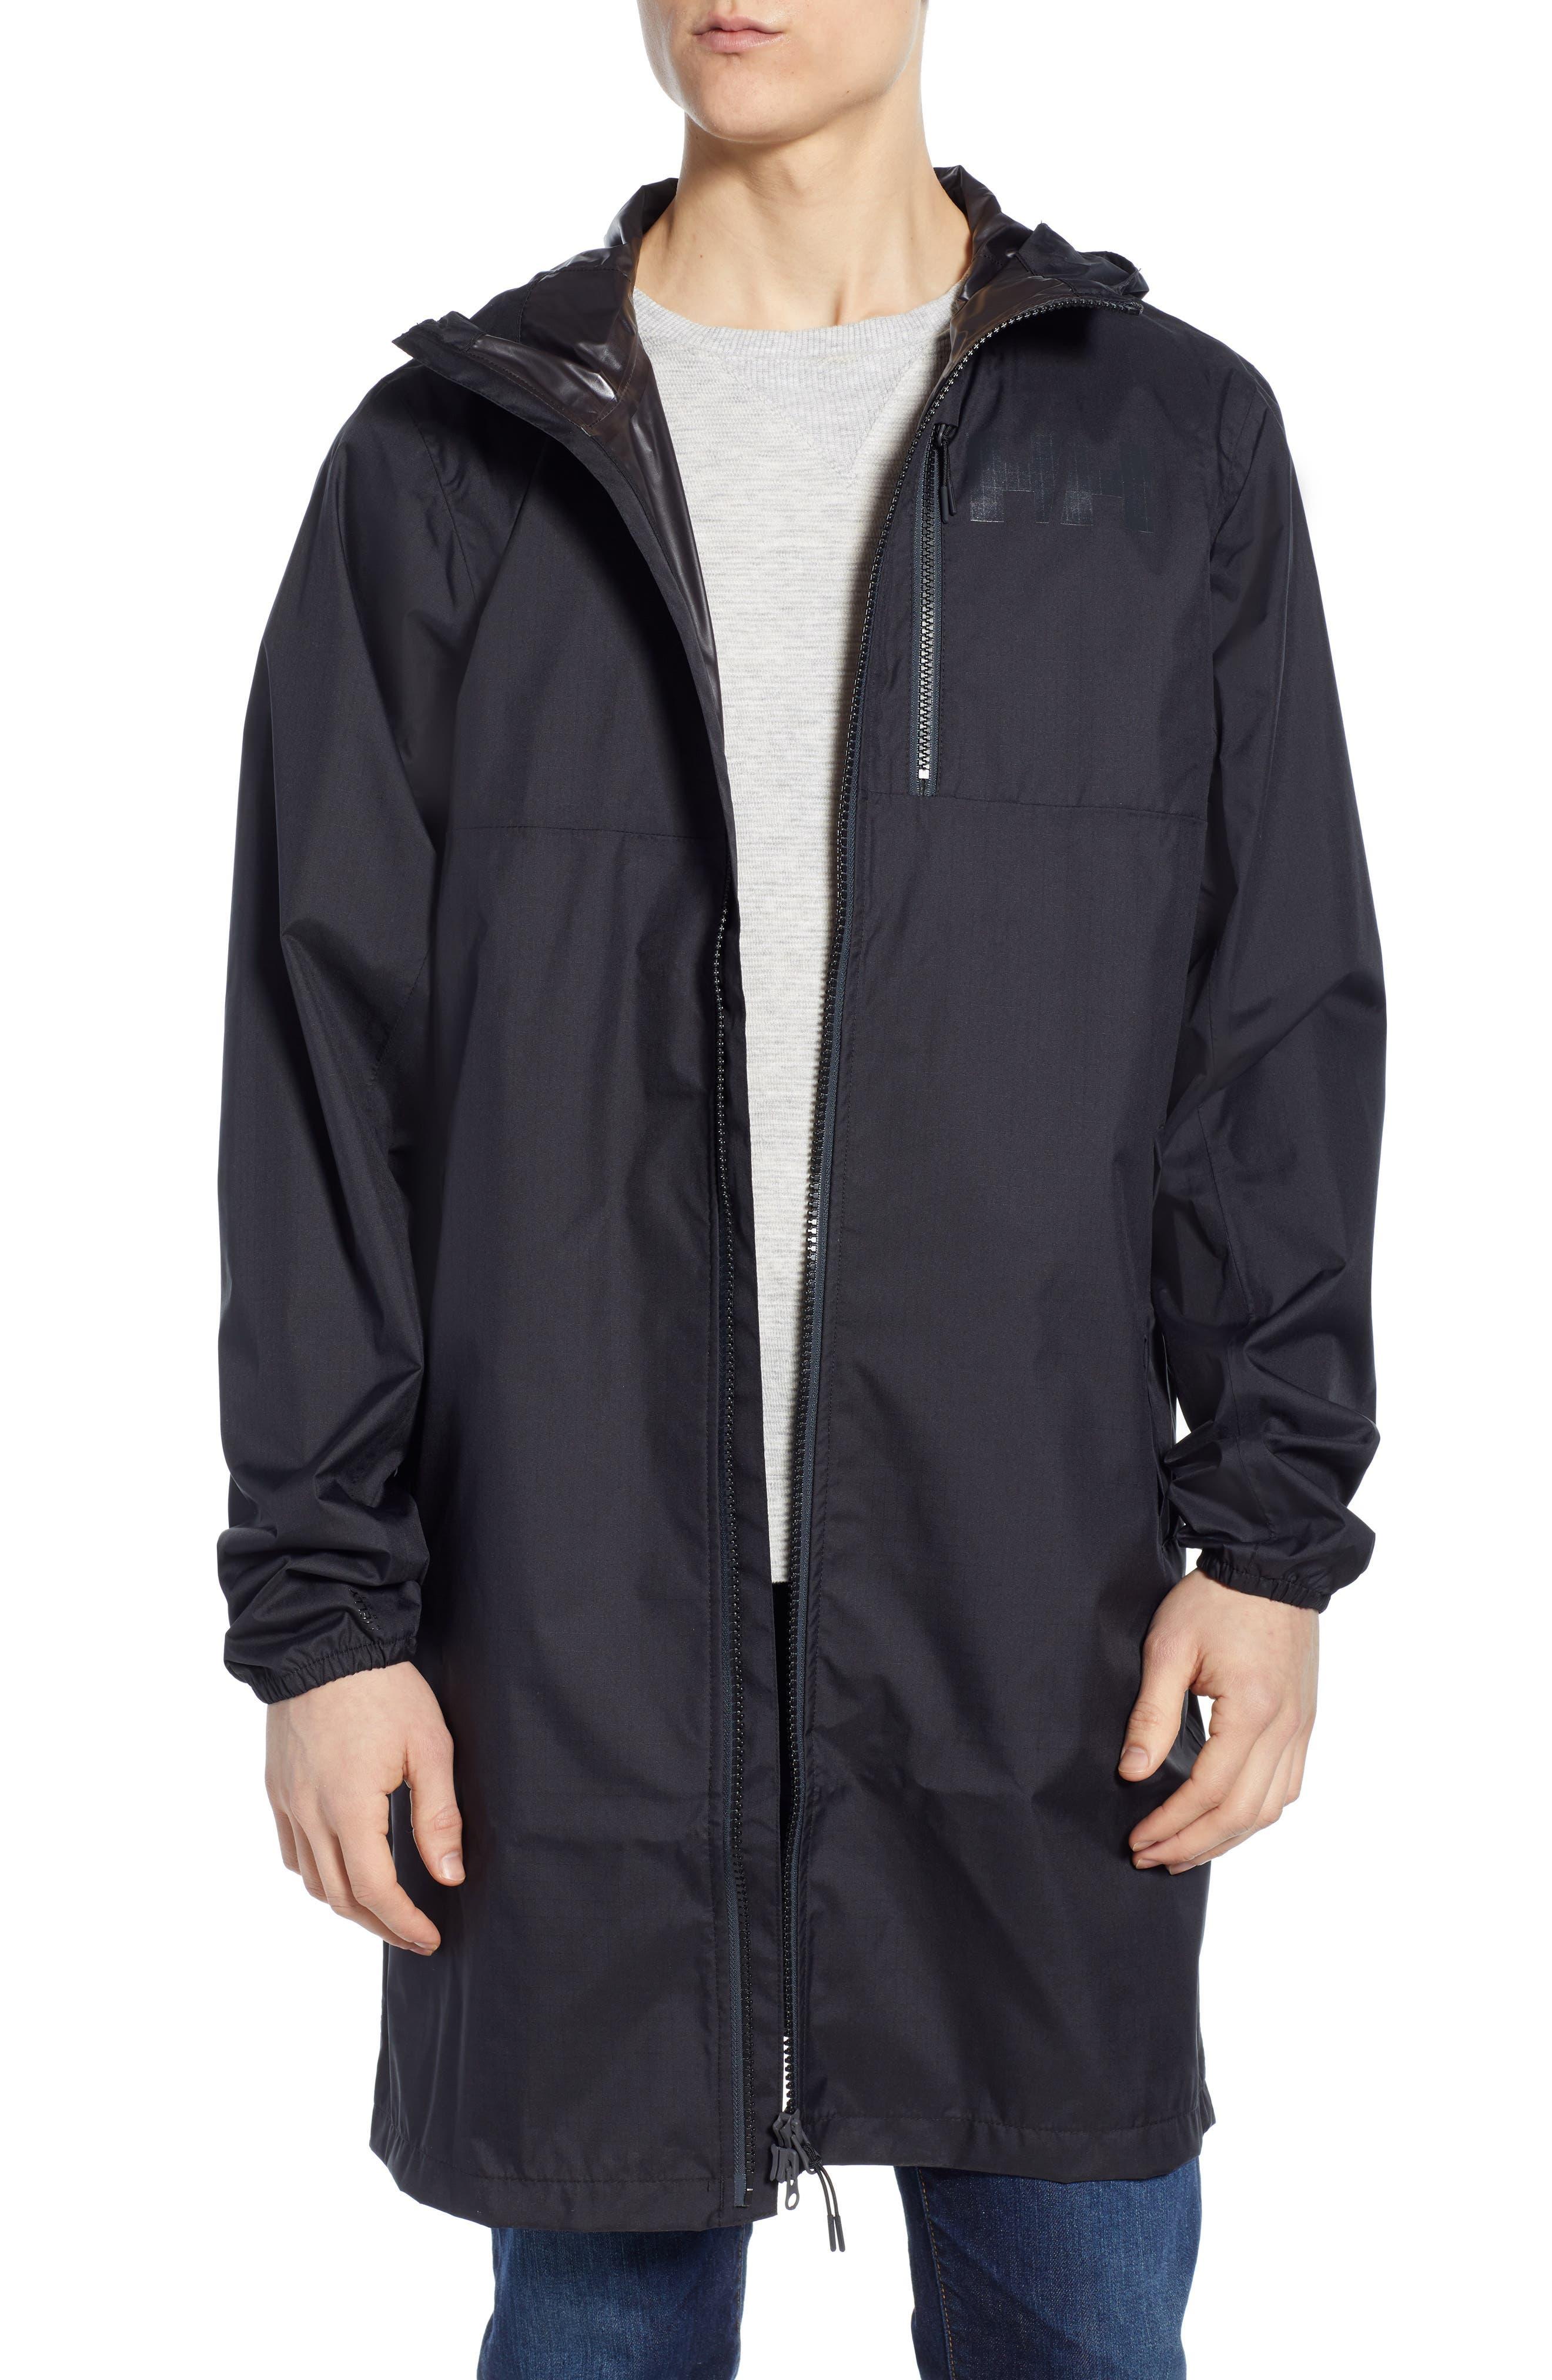 Helly Hansen Belfast Waterproof Packable Rain Coat